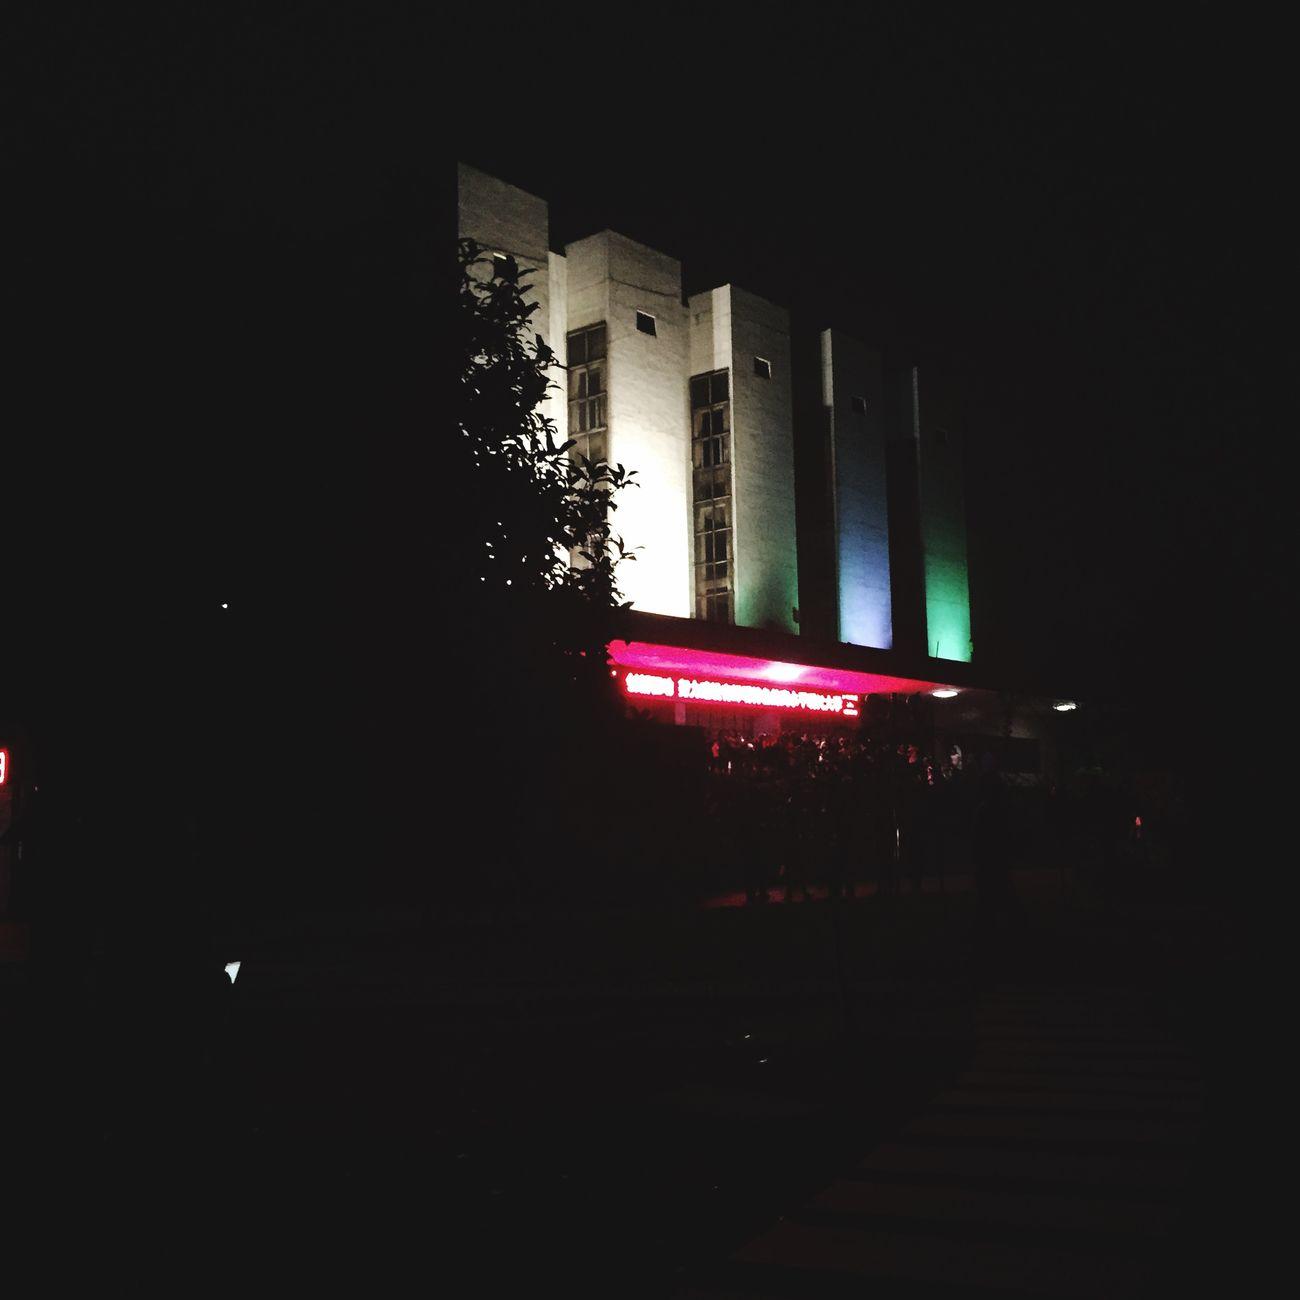 军训&安全教育 Club Night Class Meeting Colors